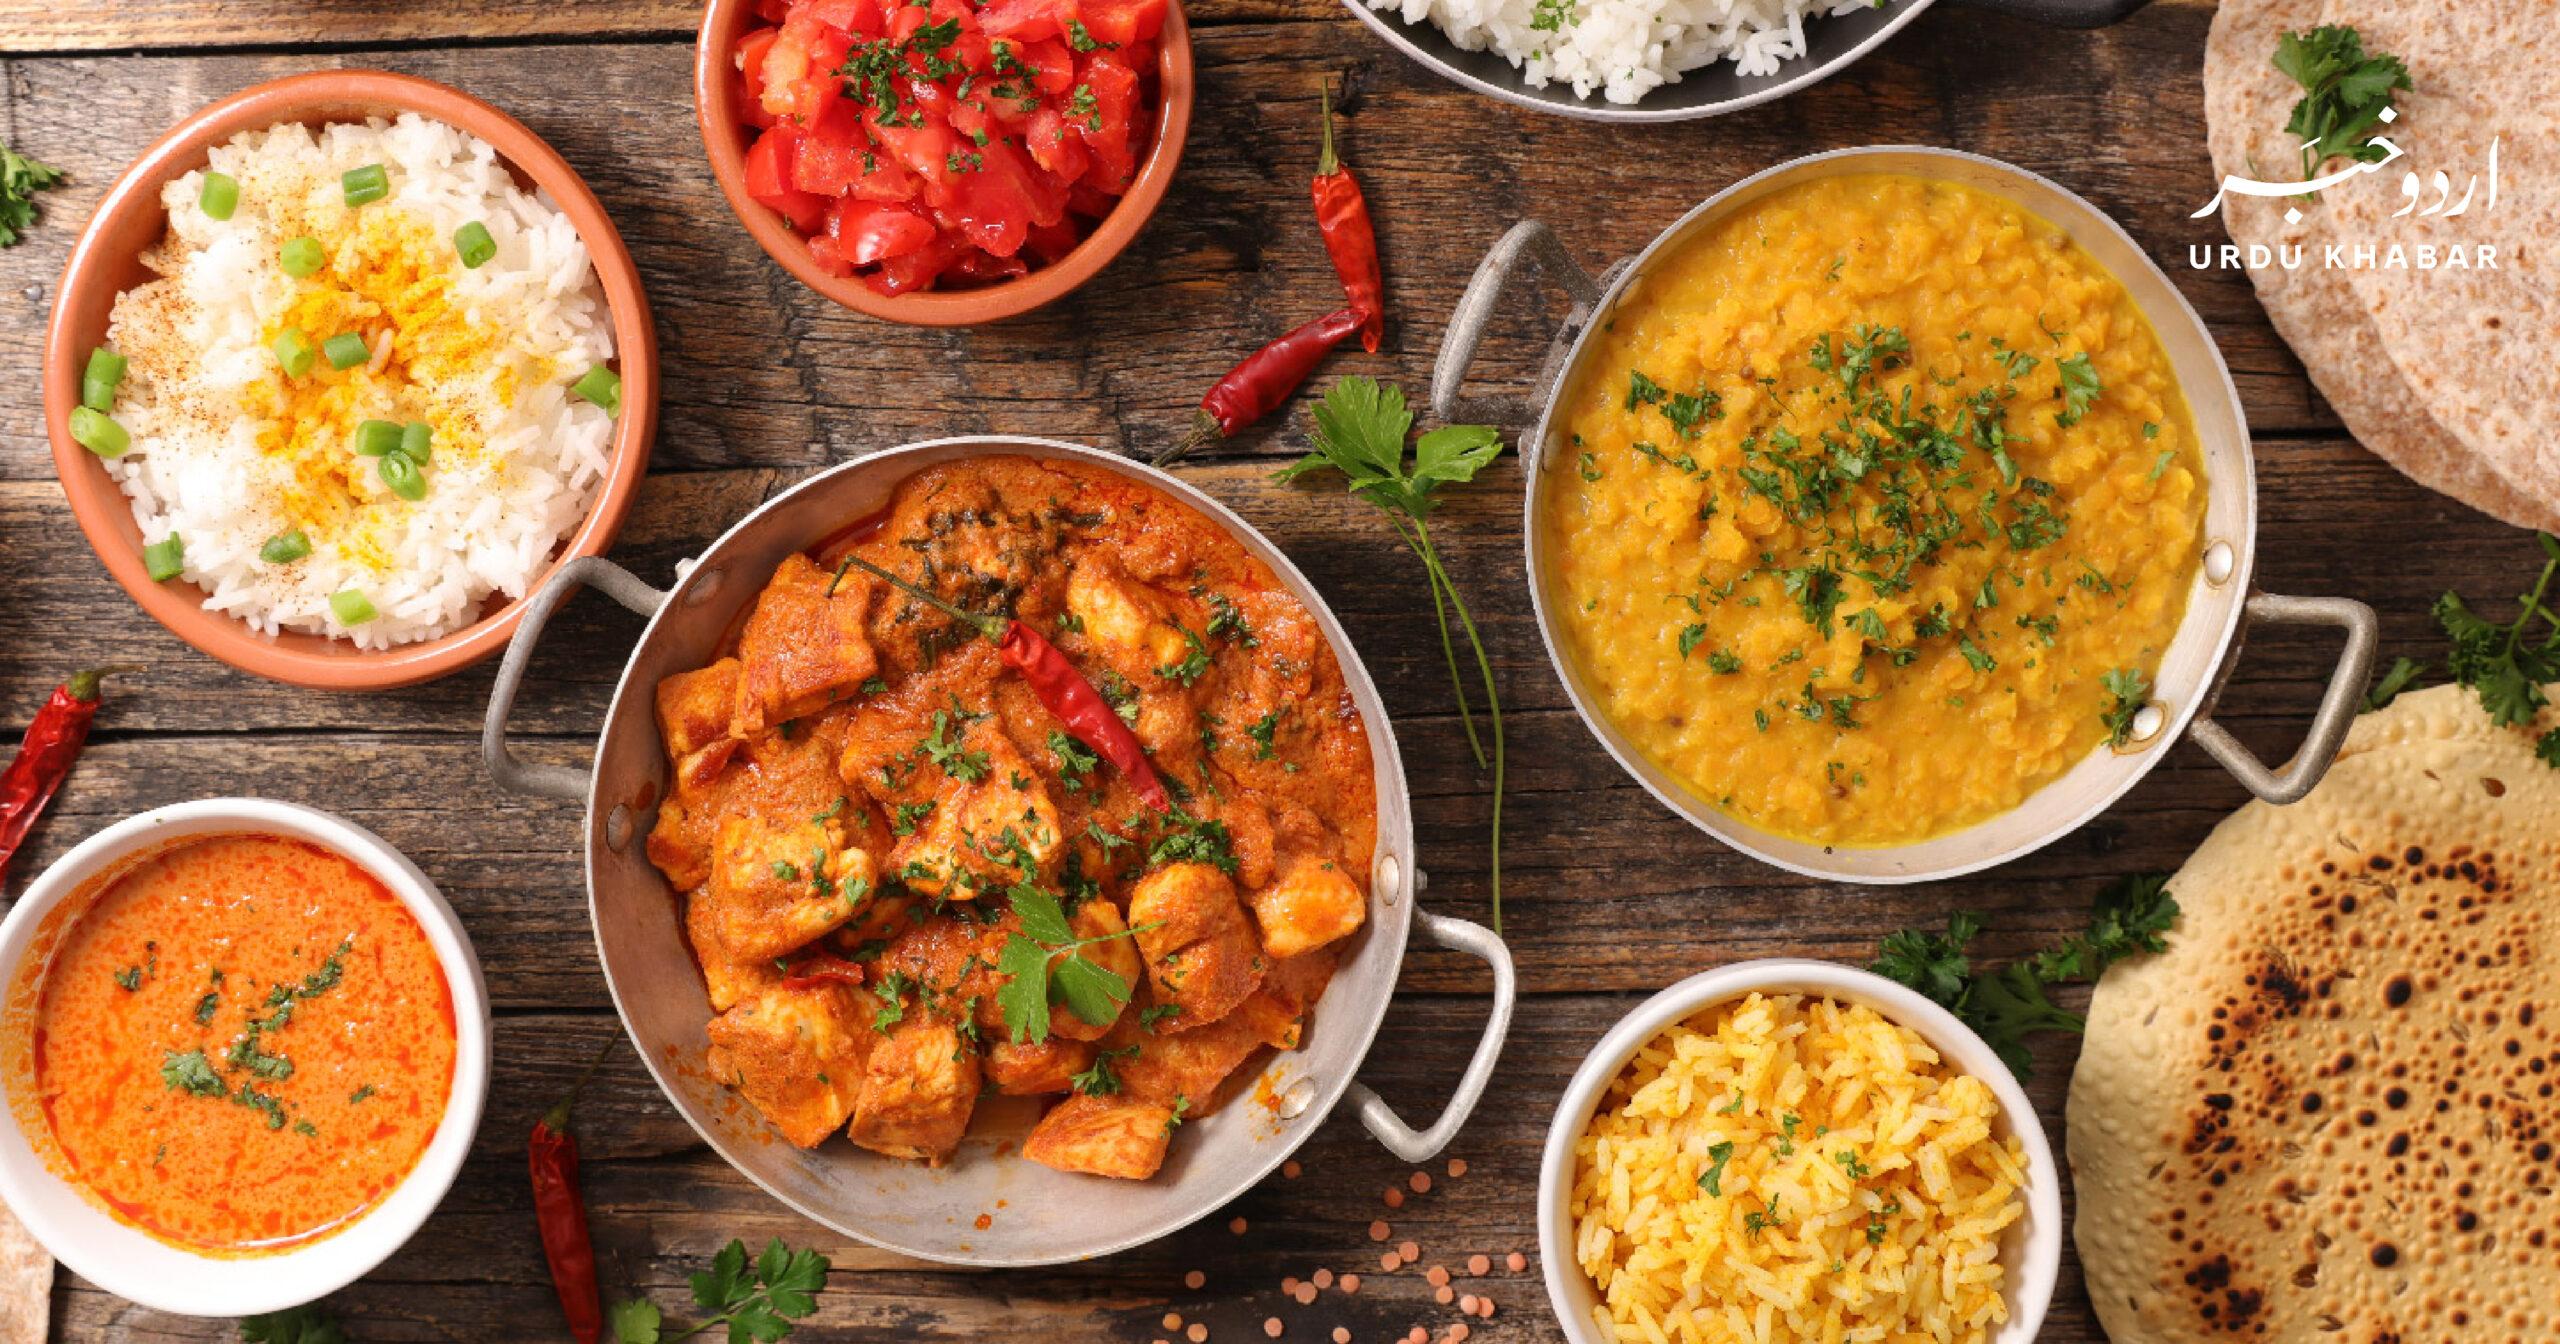 جانئے پاکستان میں عید الفطر کے روایتی کھانوں سے متعلق